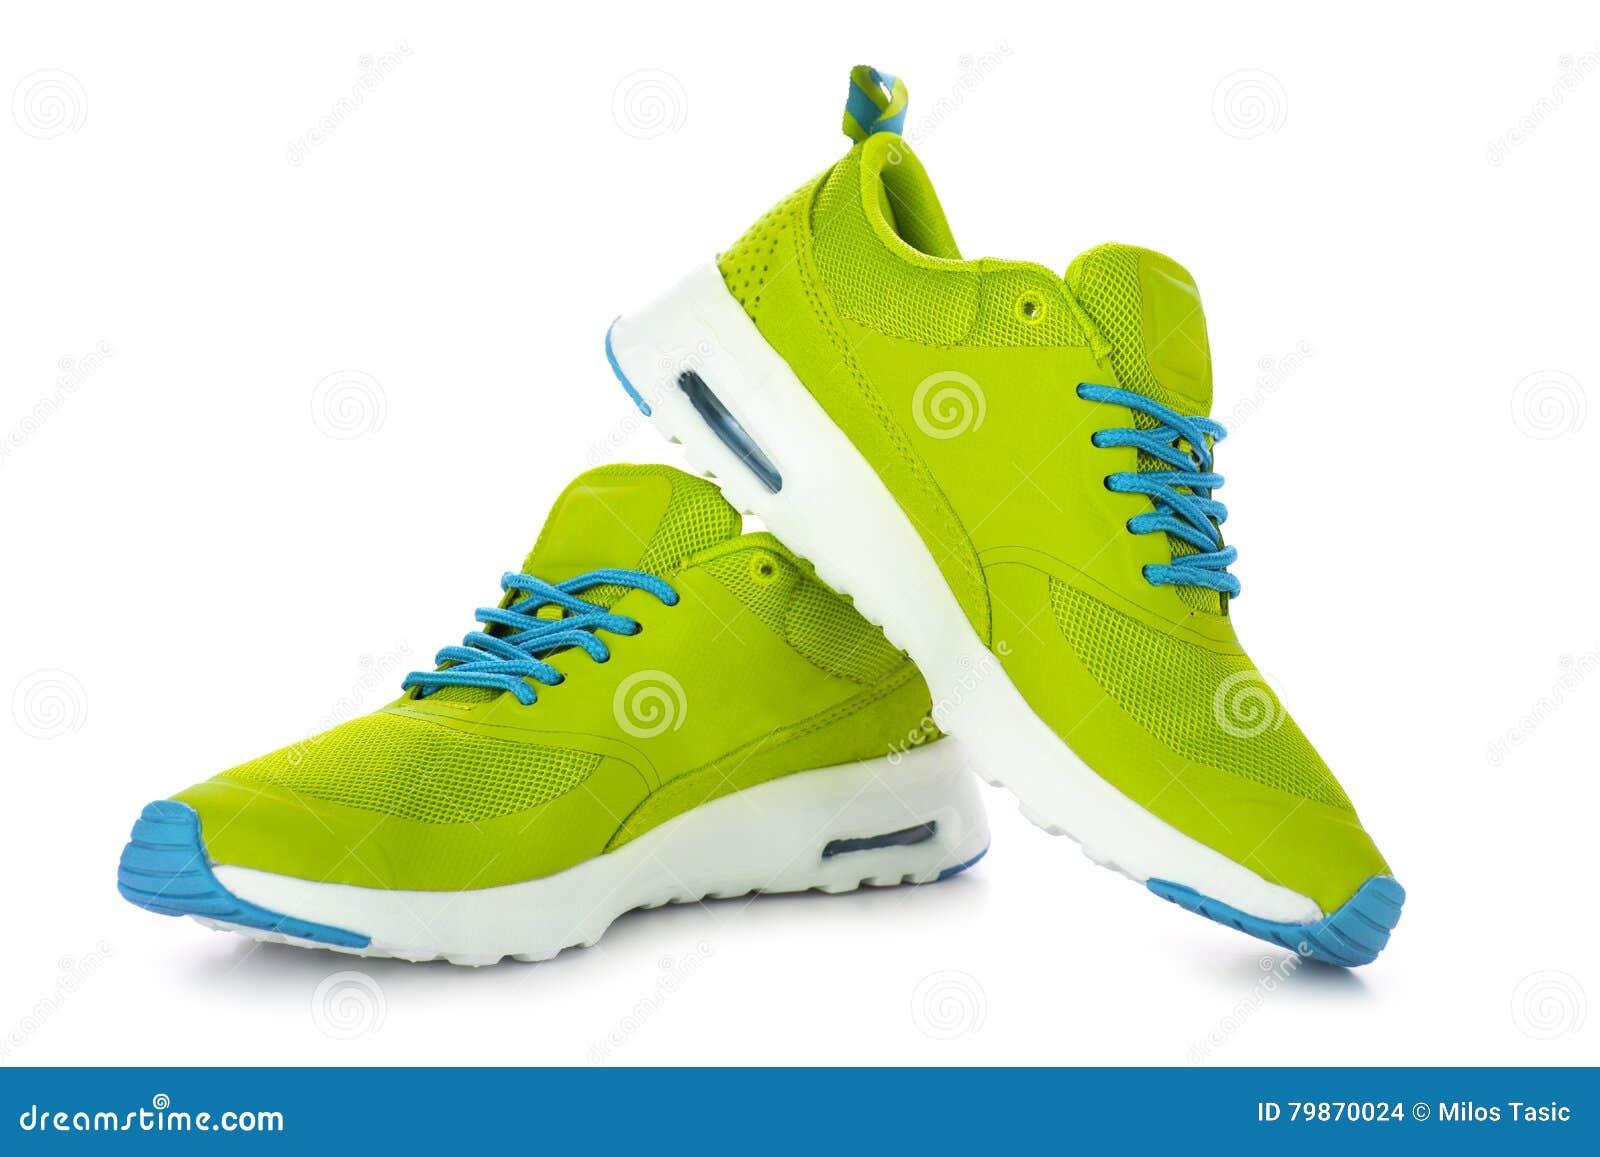 f10dfbb2d0 Zapatos verdes del deporte foto de archivo. Imagen de frente - 79870024